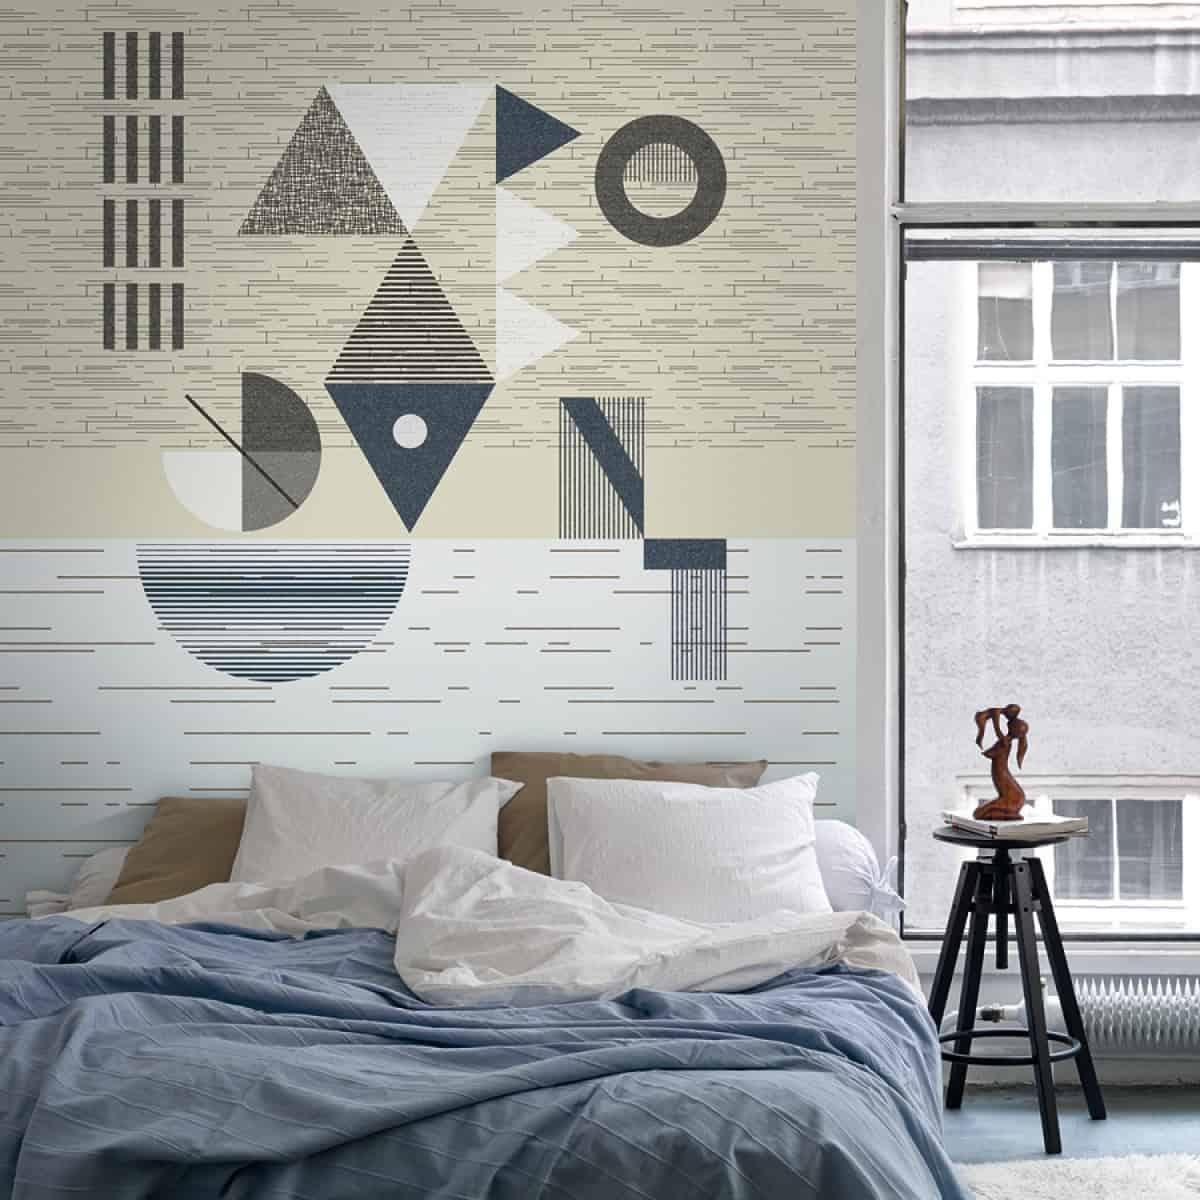 спальня украшена бежевыми обоями, с оттенками синего, серого и коричневого, с белой двуспальной кроватью с сине-черной тумбочкой